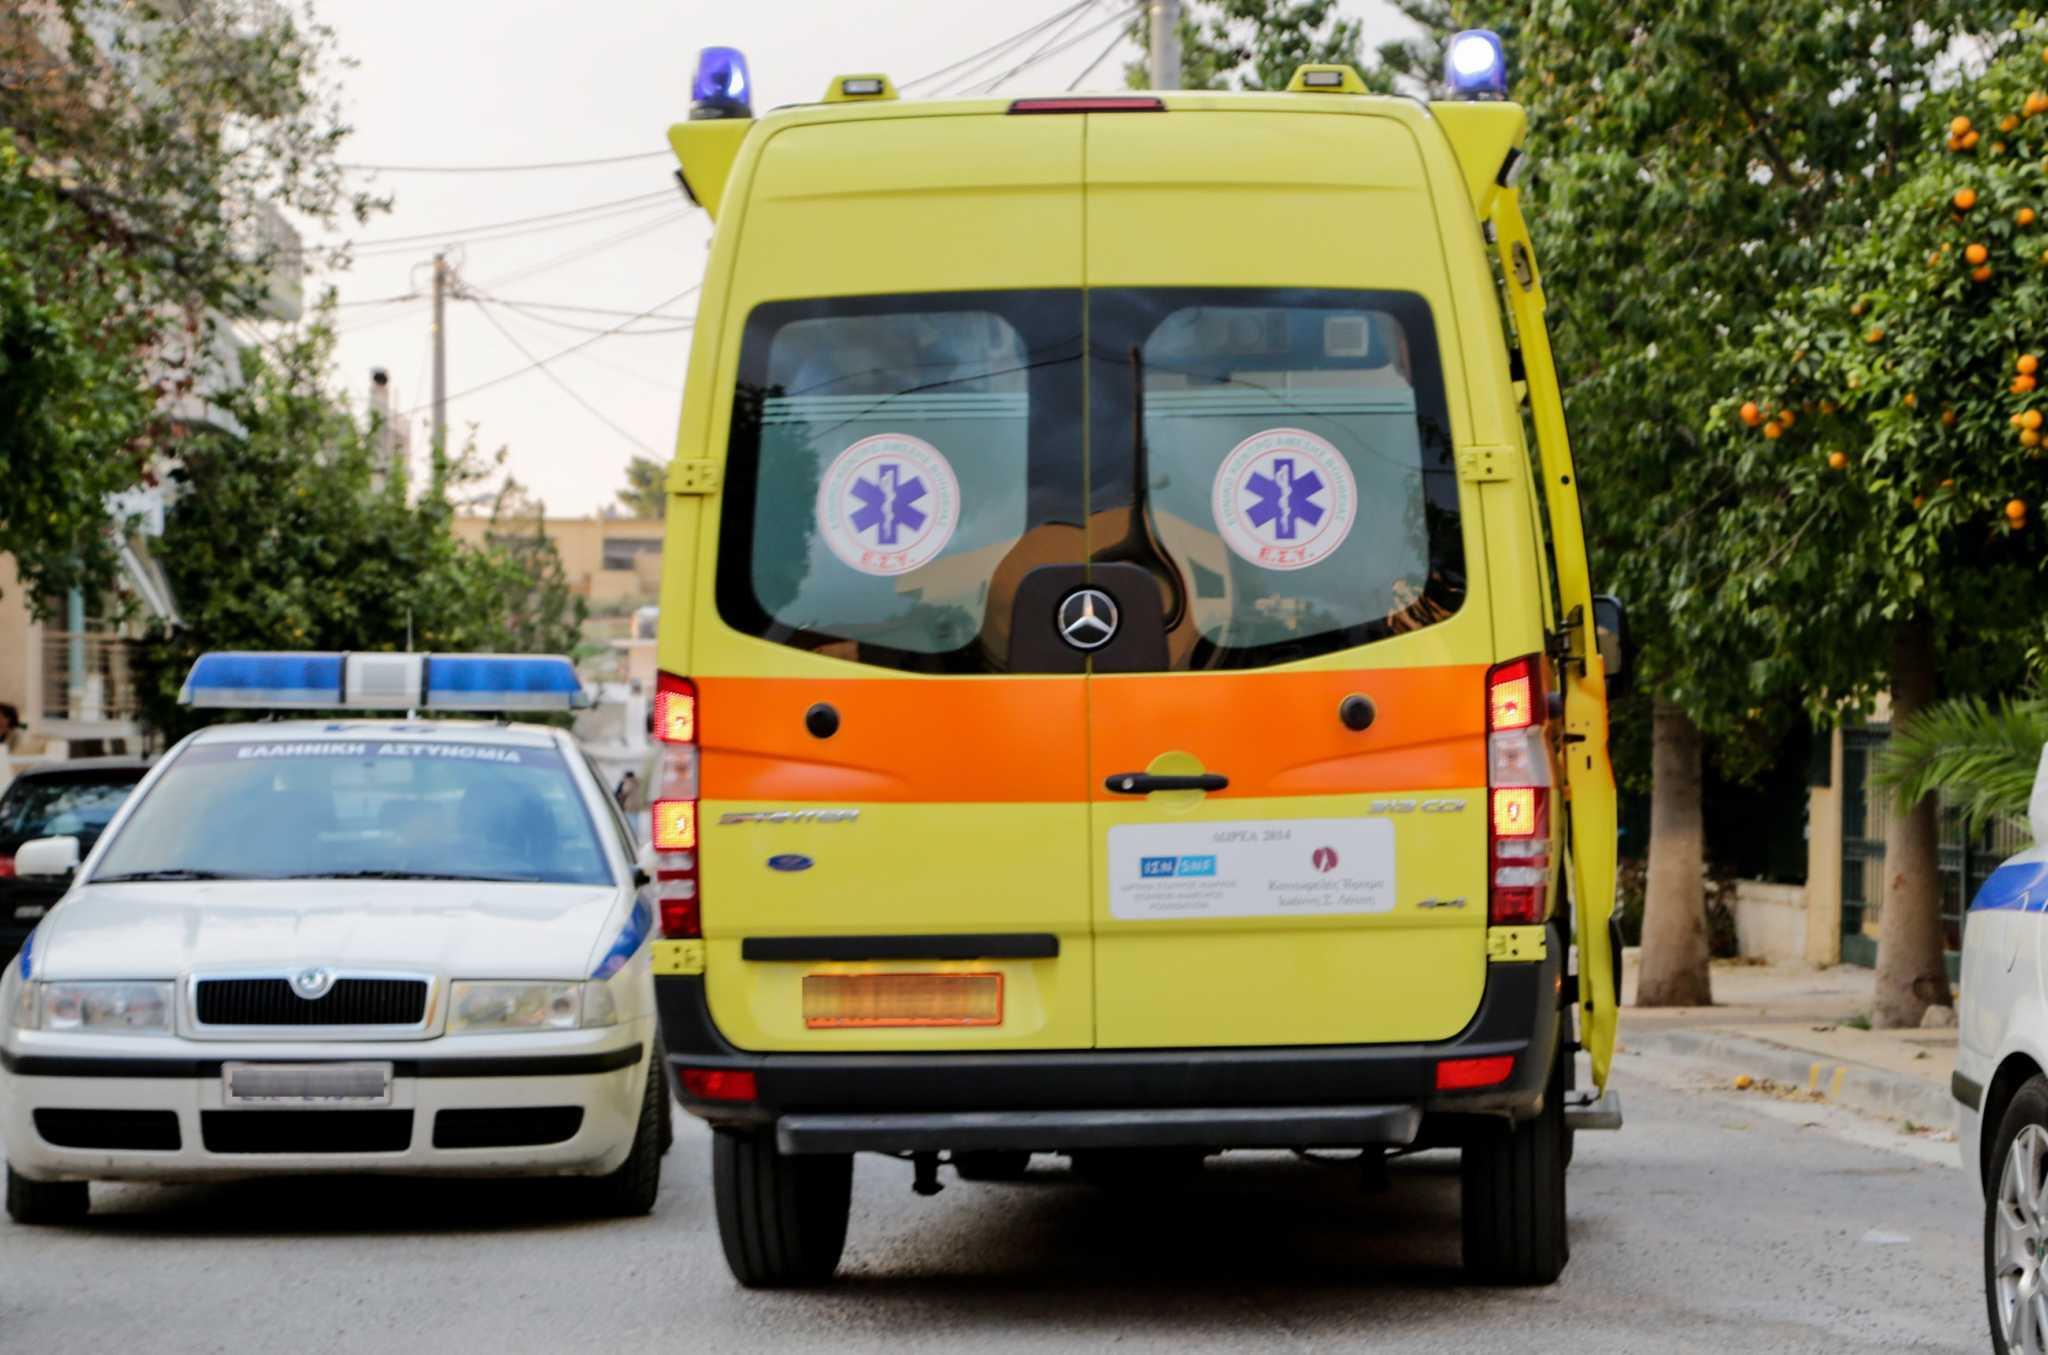 Θεσσαλονίκη: Θρίλερ με την θανάσιμη πτώση της 22χρονης στο Πανόραμα – «Υπάρχουν πολλά σκοτεινά σημεία»